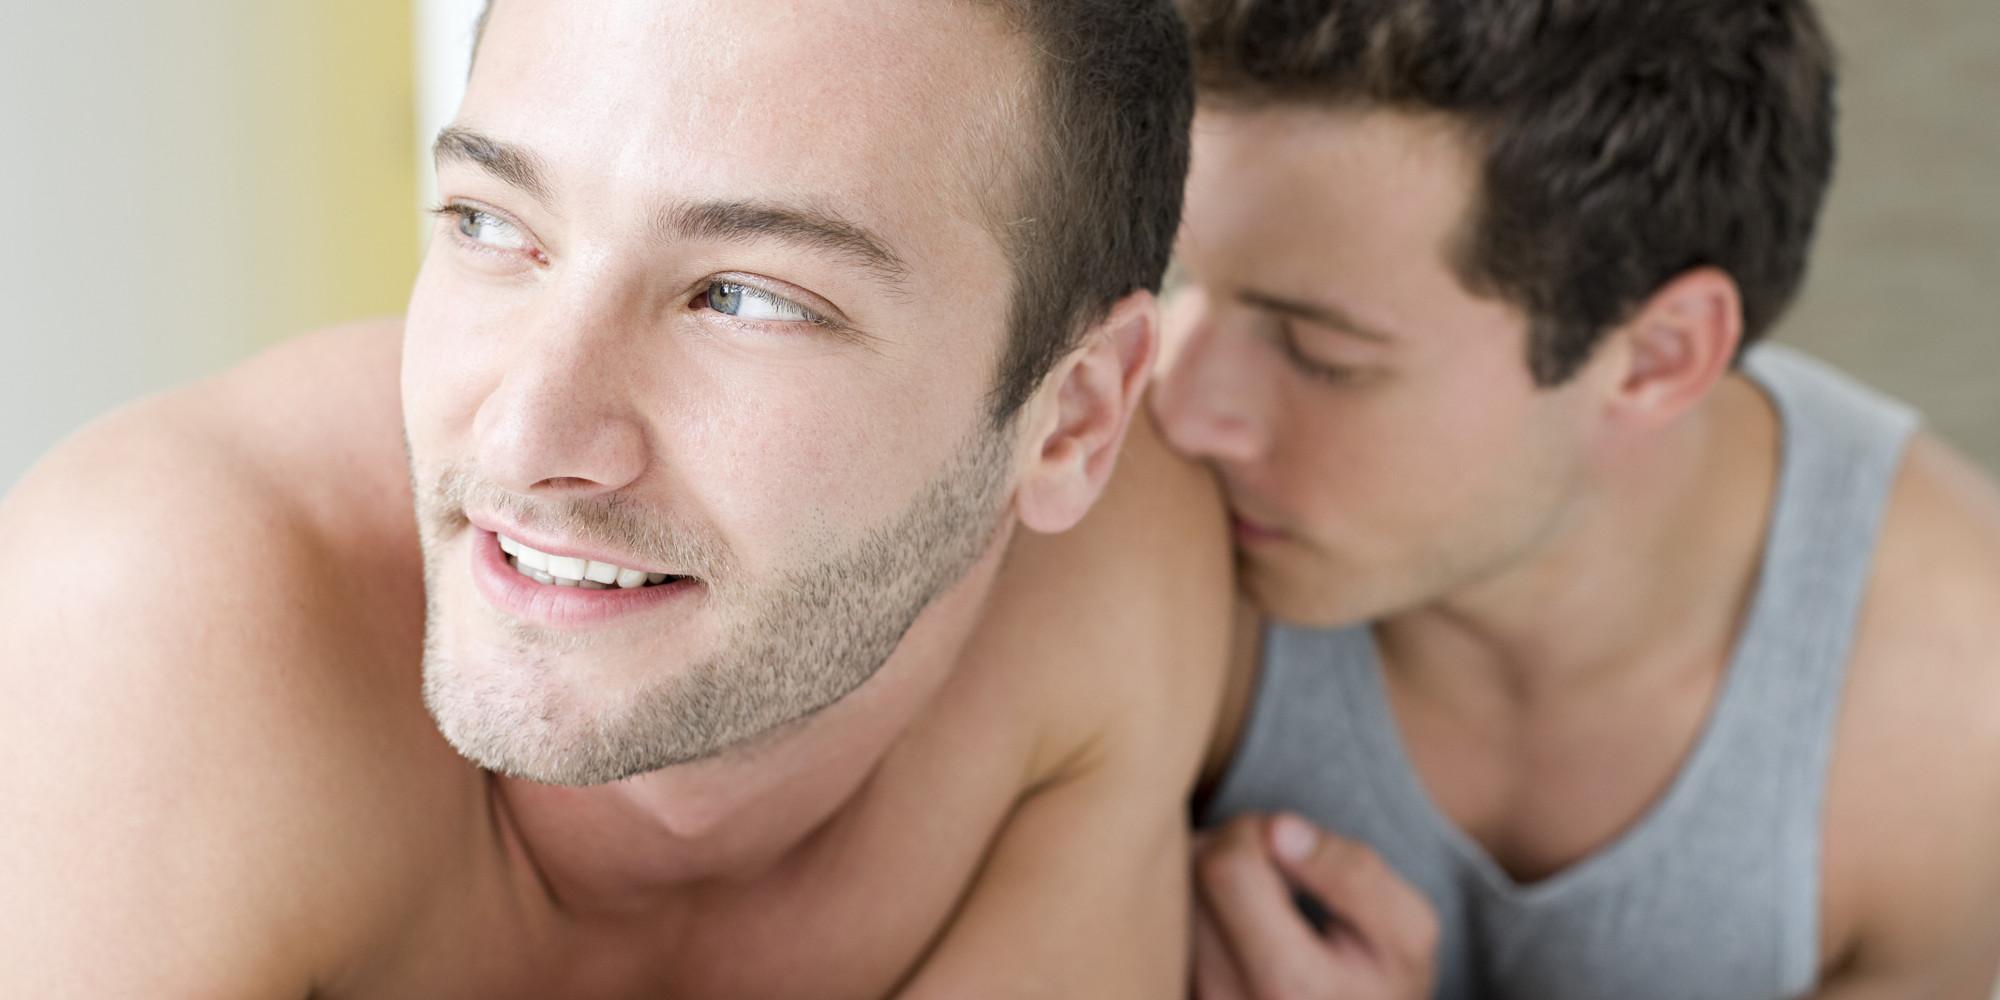 Смотреть бесплатно гомосексуализм 1 фотография